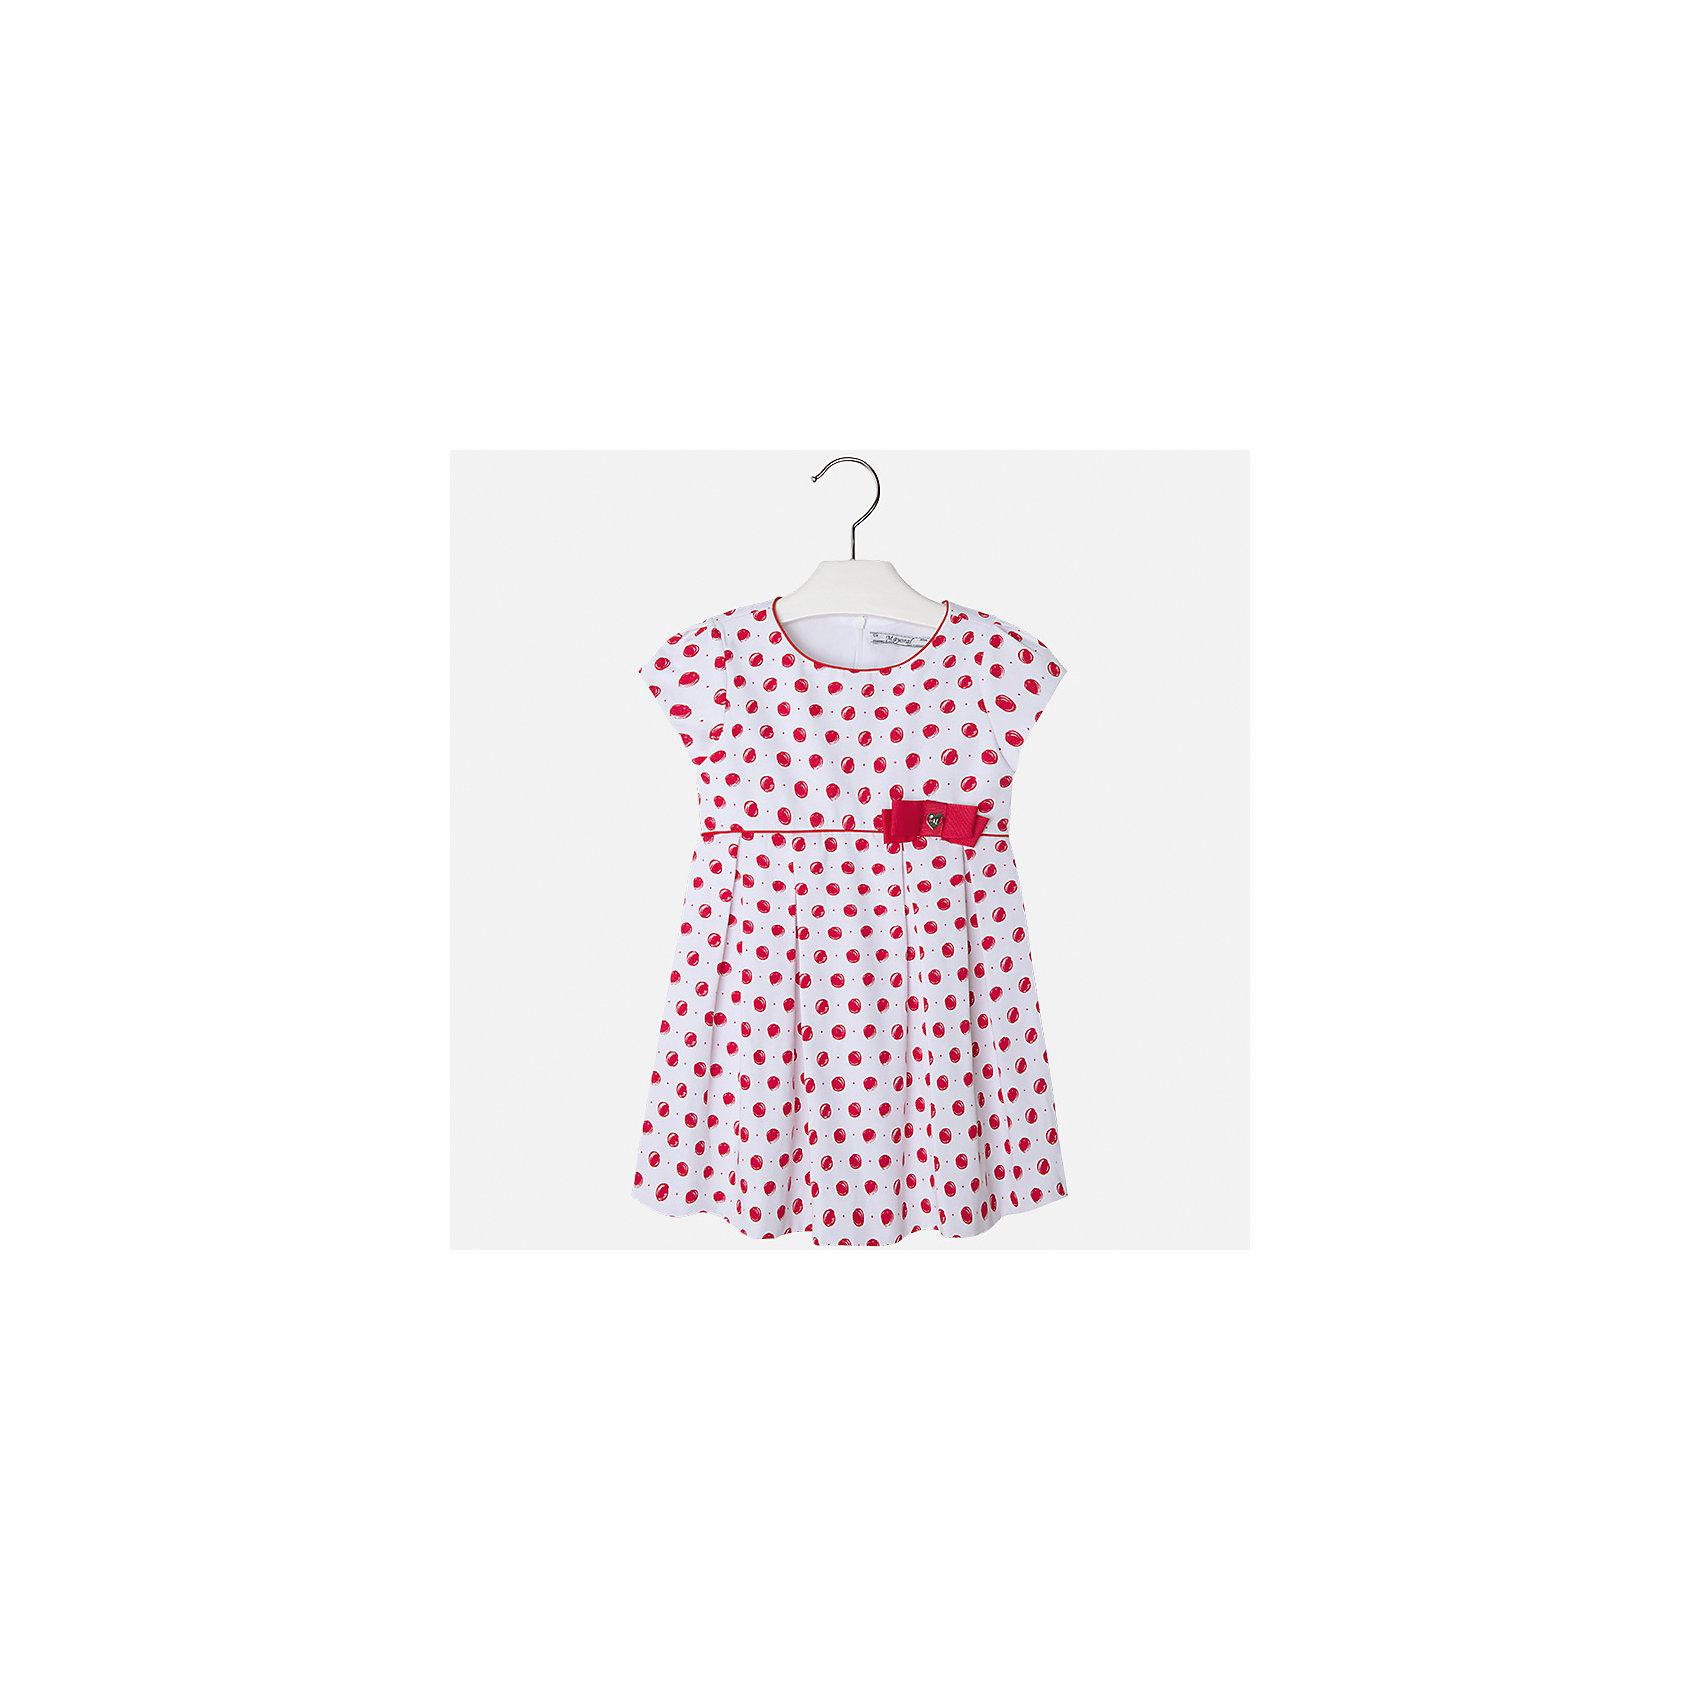 Платье для девочки MayoralПлатья и сарафаны<br>Характеристики товара:<br><br>• цвет: белый/красный горох<br>• состав: 100% хлопок, подкладка - 65% полиэстер, 35% хлопок<br>• застежка: молния<br>• украшено бантом<br>• завышенная талия<br>• короткие рукава<br>• с подкладкой<br>• страна бренда: Испания<br><br>Нарядное платье для девочки поможет разнообразить гардероб ребенка и создать эффектный наряд. Оно отлично подойдет для торжественных случаев. Красивый оттенок позволяет подобрать к вещи обувь разных расцветок. В составе материала подкладки - натуральный хлопок, гипоаллергенный, приятный на ощупь, дышащий. Платье хорошо сидит по фигуре.<br><br>Одежда, обувь и аксессуары от испанского бренда Mayoral полюбились детям и взрослым по всему миру. Модели этой марки - стильные и удобные. Для их производства используются только безопасные, качественные материалы и фурнитура. Порадуйте ребенка модными и красивыми вещами от Mayoral! <br><br>Платье для девочки от испанского бренда Mayoral (Майорал) можно купить в нашем интернет-магазине.<br><br>Ширина мм: 236<br>Глубина мм: 16<br>Высота мм: 184<br>Вес г: 177<br>Цвет: красный<br>Возраст от месяцев: 96<br>Возраст до месяцев: 108<br>Пол: Женский<br>Возраст: Детский<br>Размер: 134,92,98,104,110,116,122,128<br>SKU: 5291234